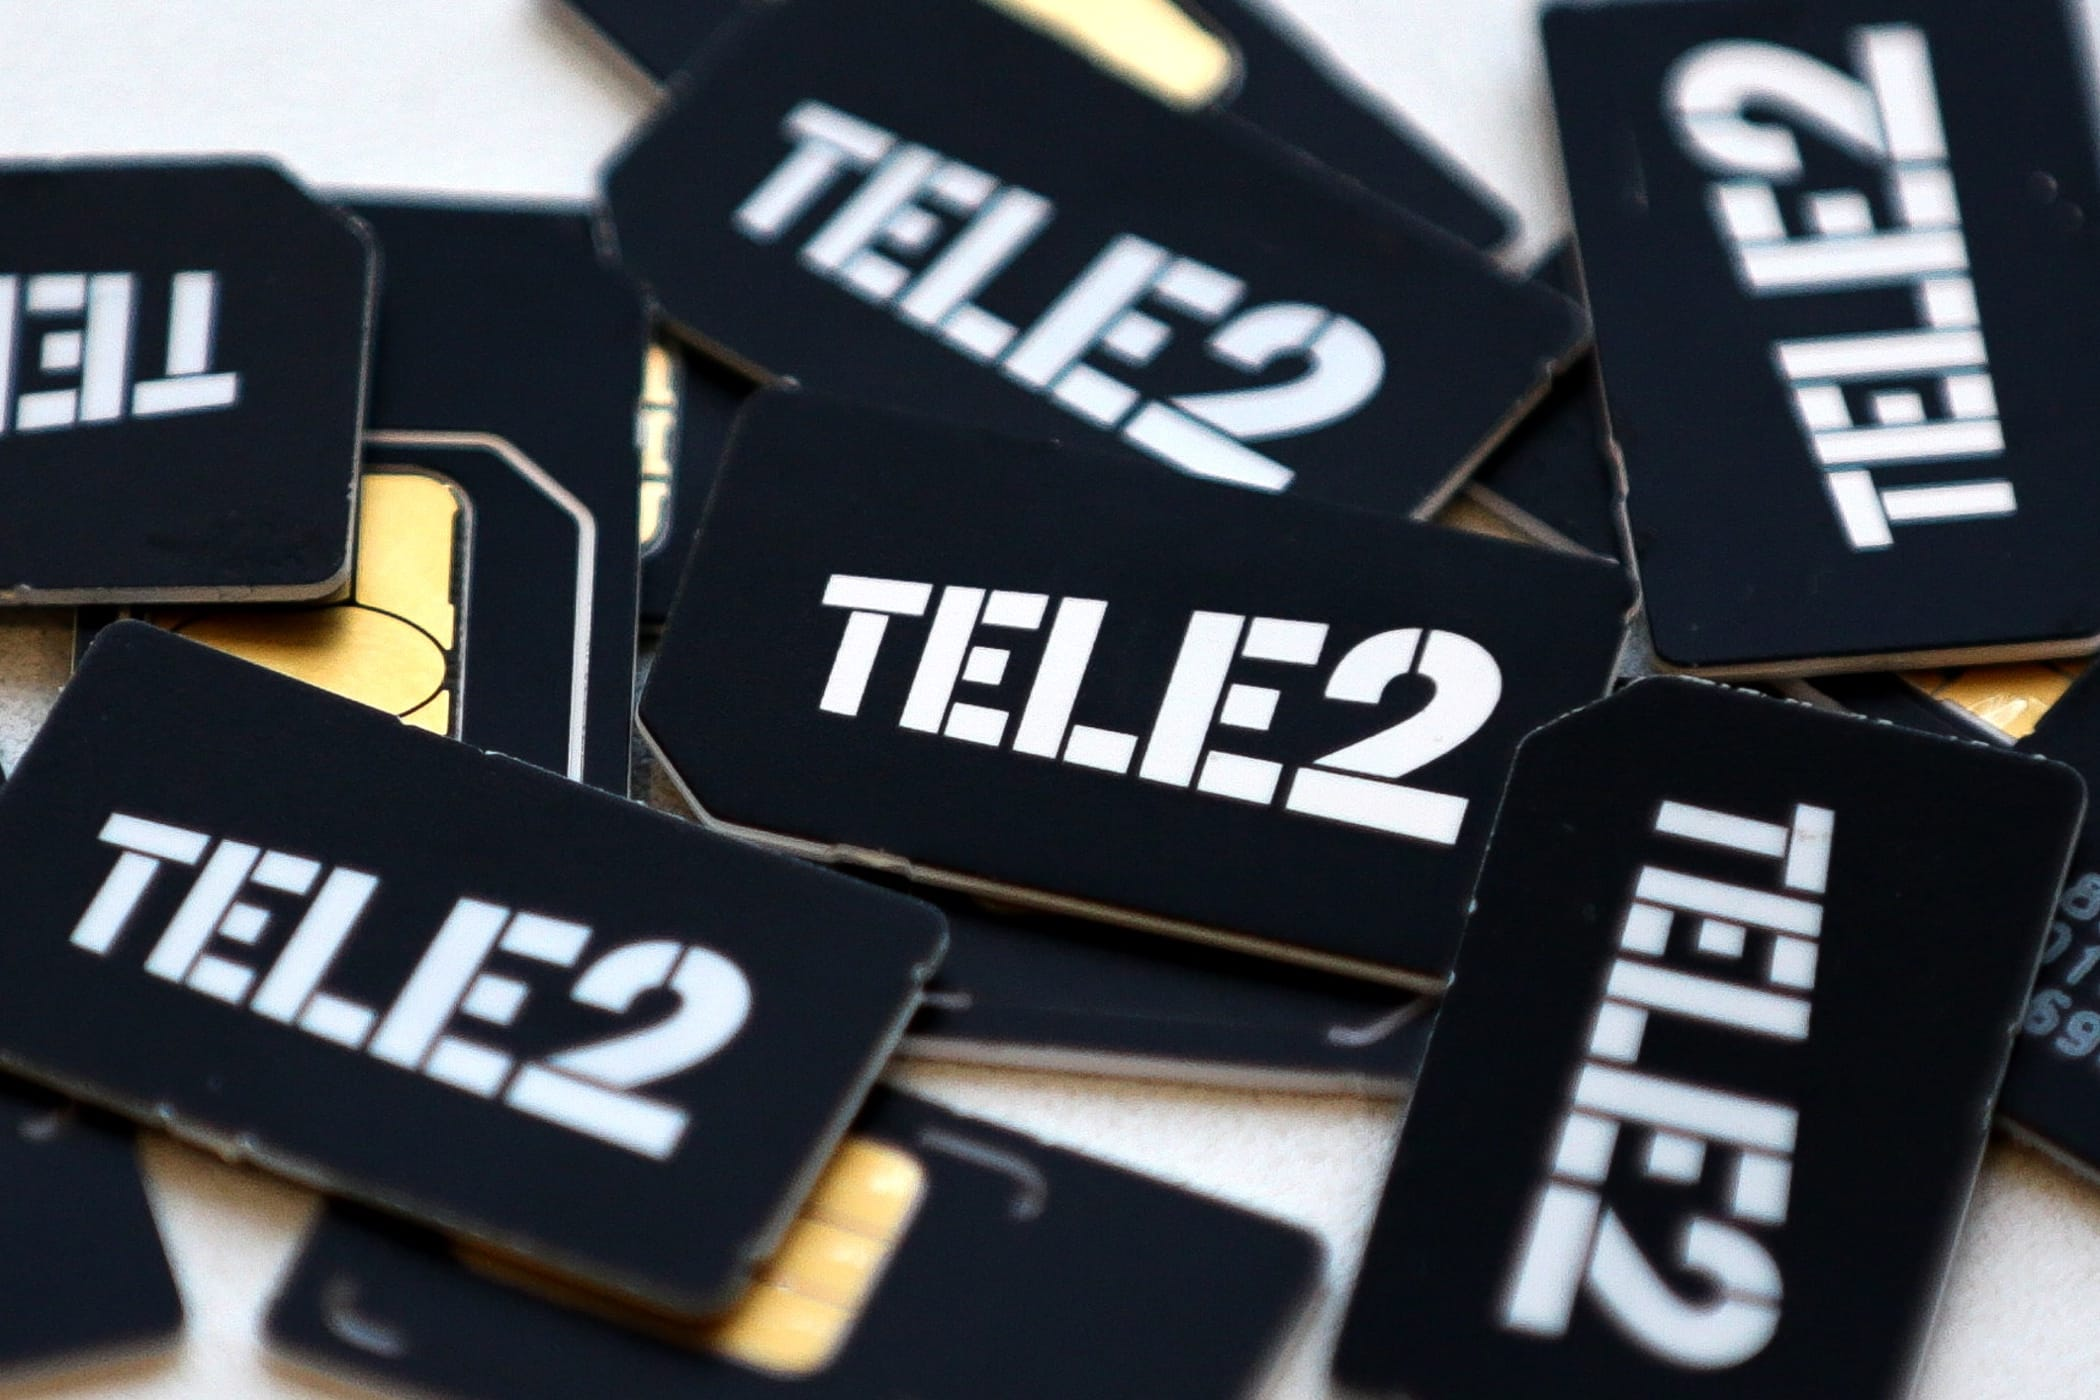 как пополнить счет на телефон теле2 с карты сбербанка через смс 900